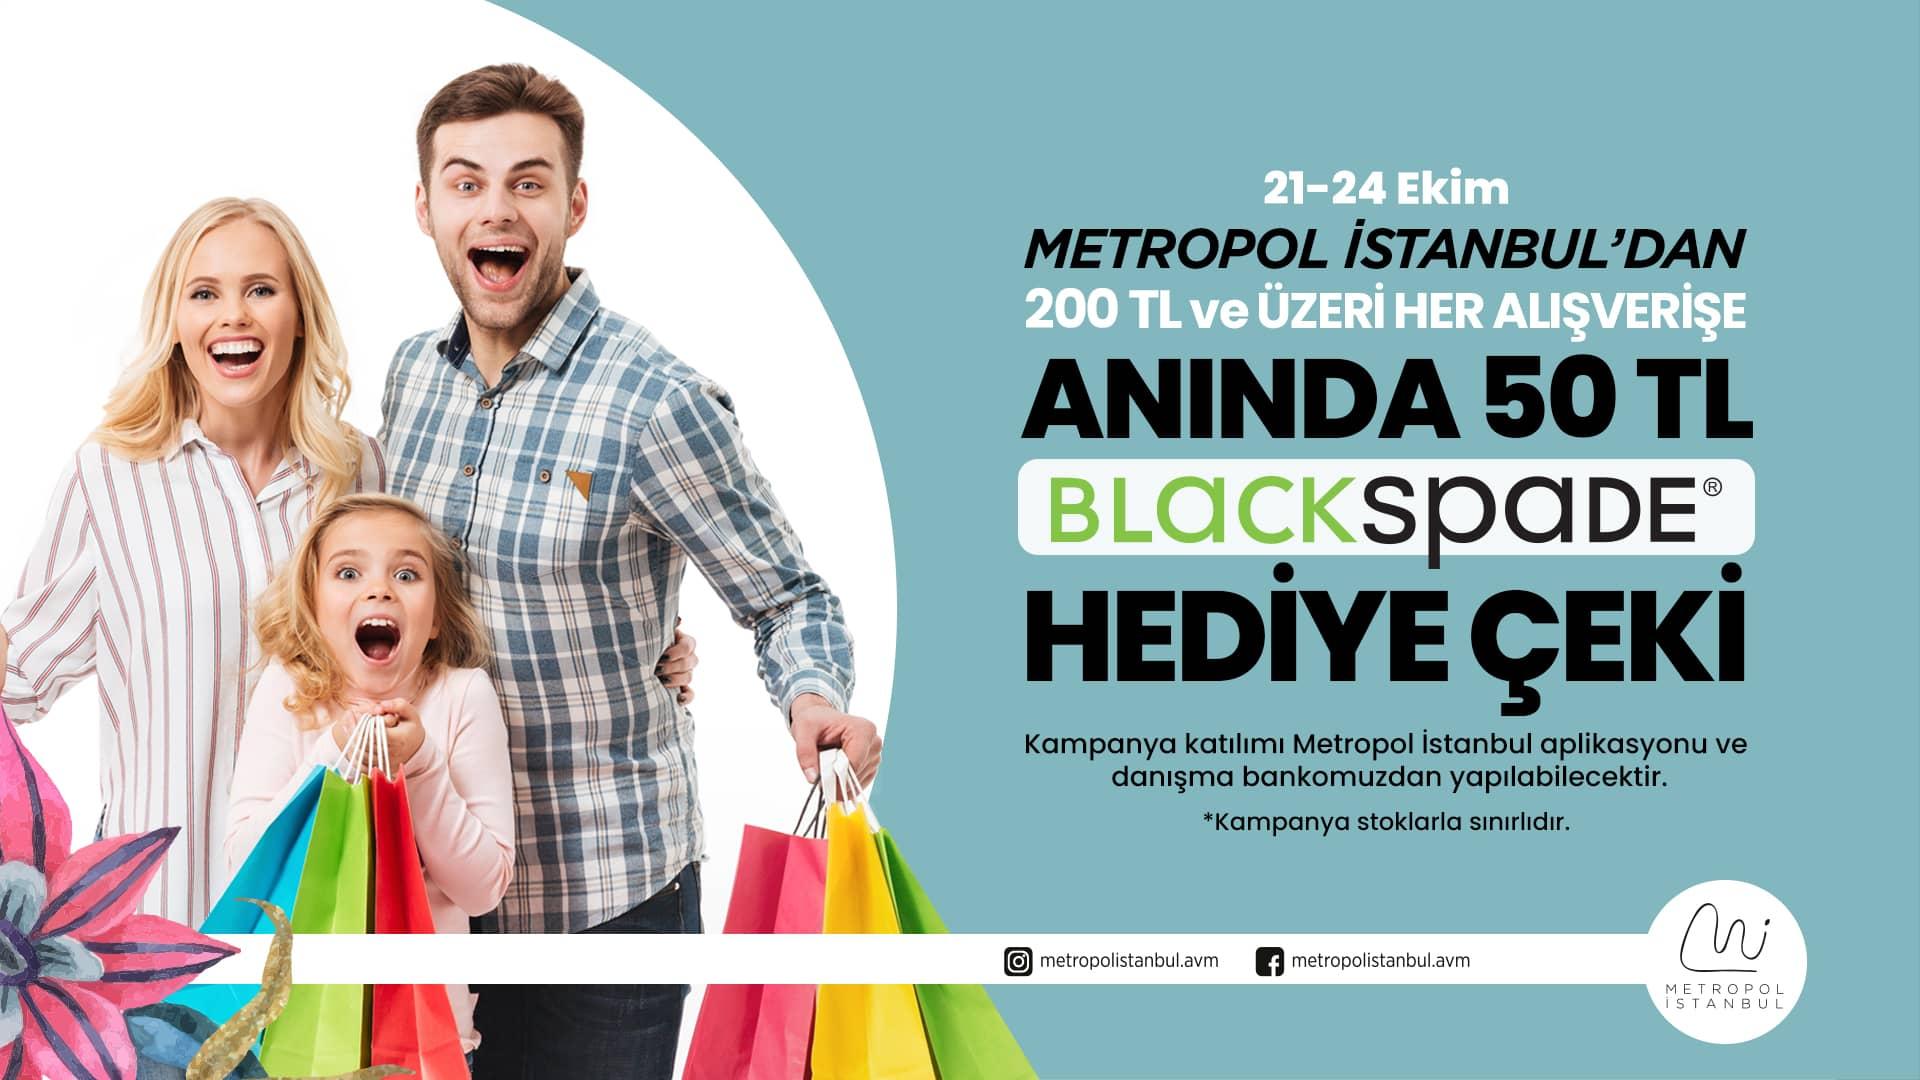 Metropol İstanbul'dan Harika Bir Hediye Çeki Fırsatı!